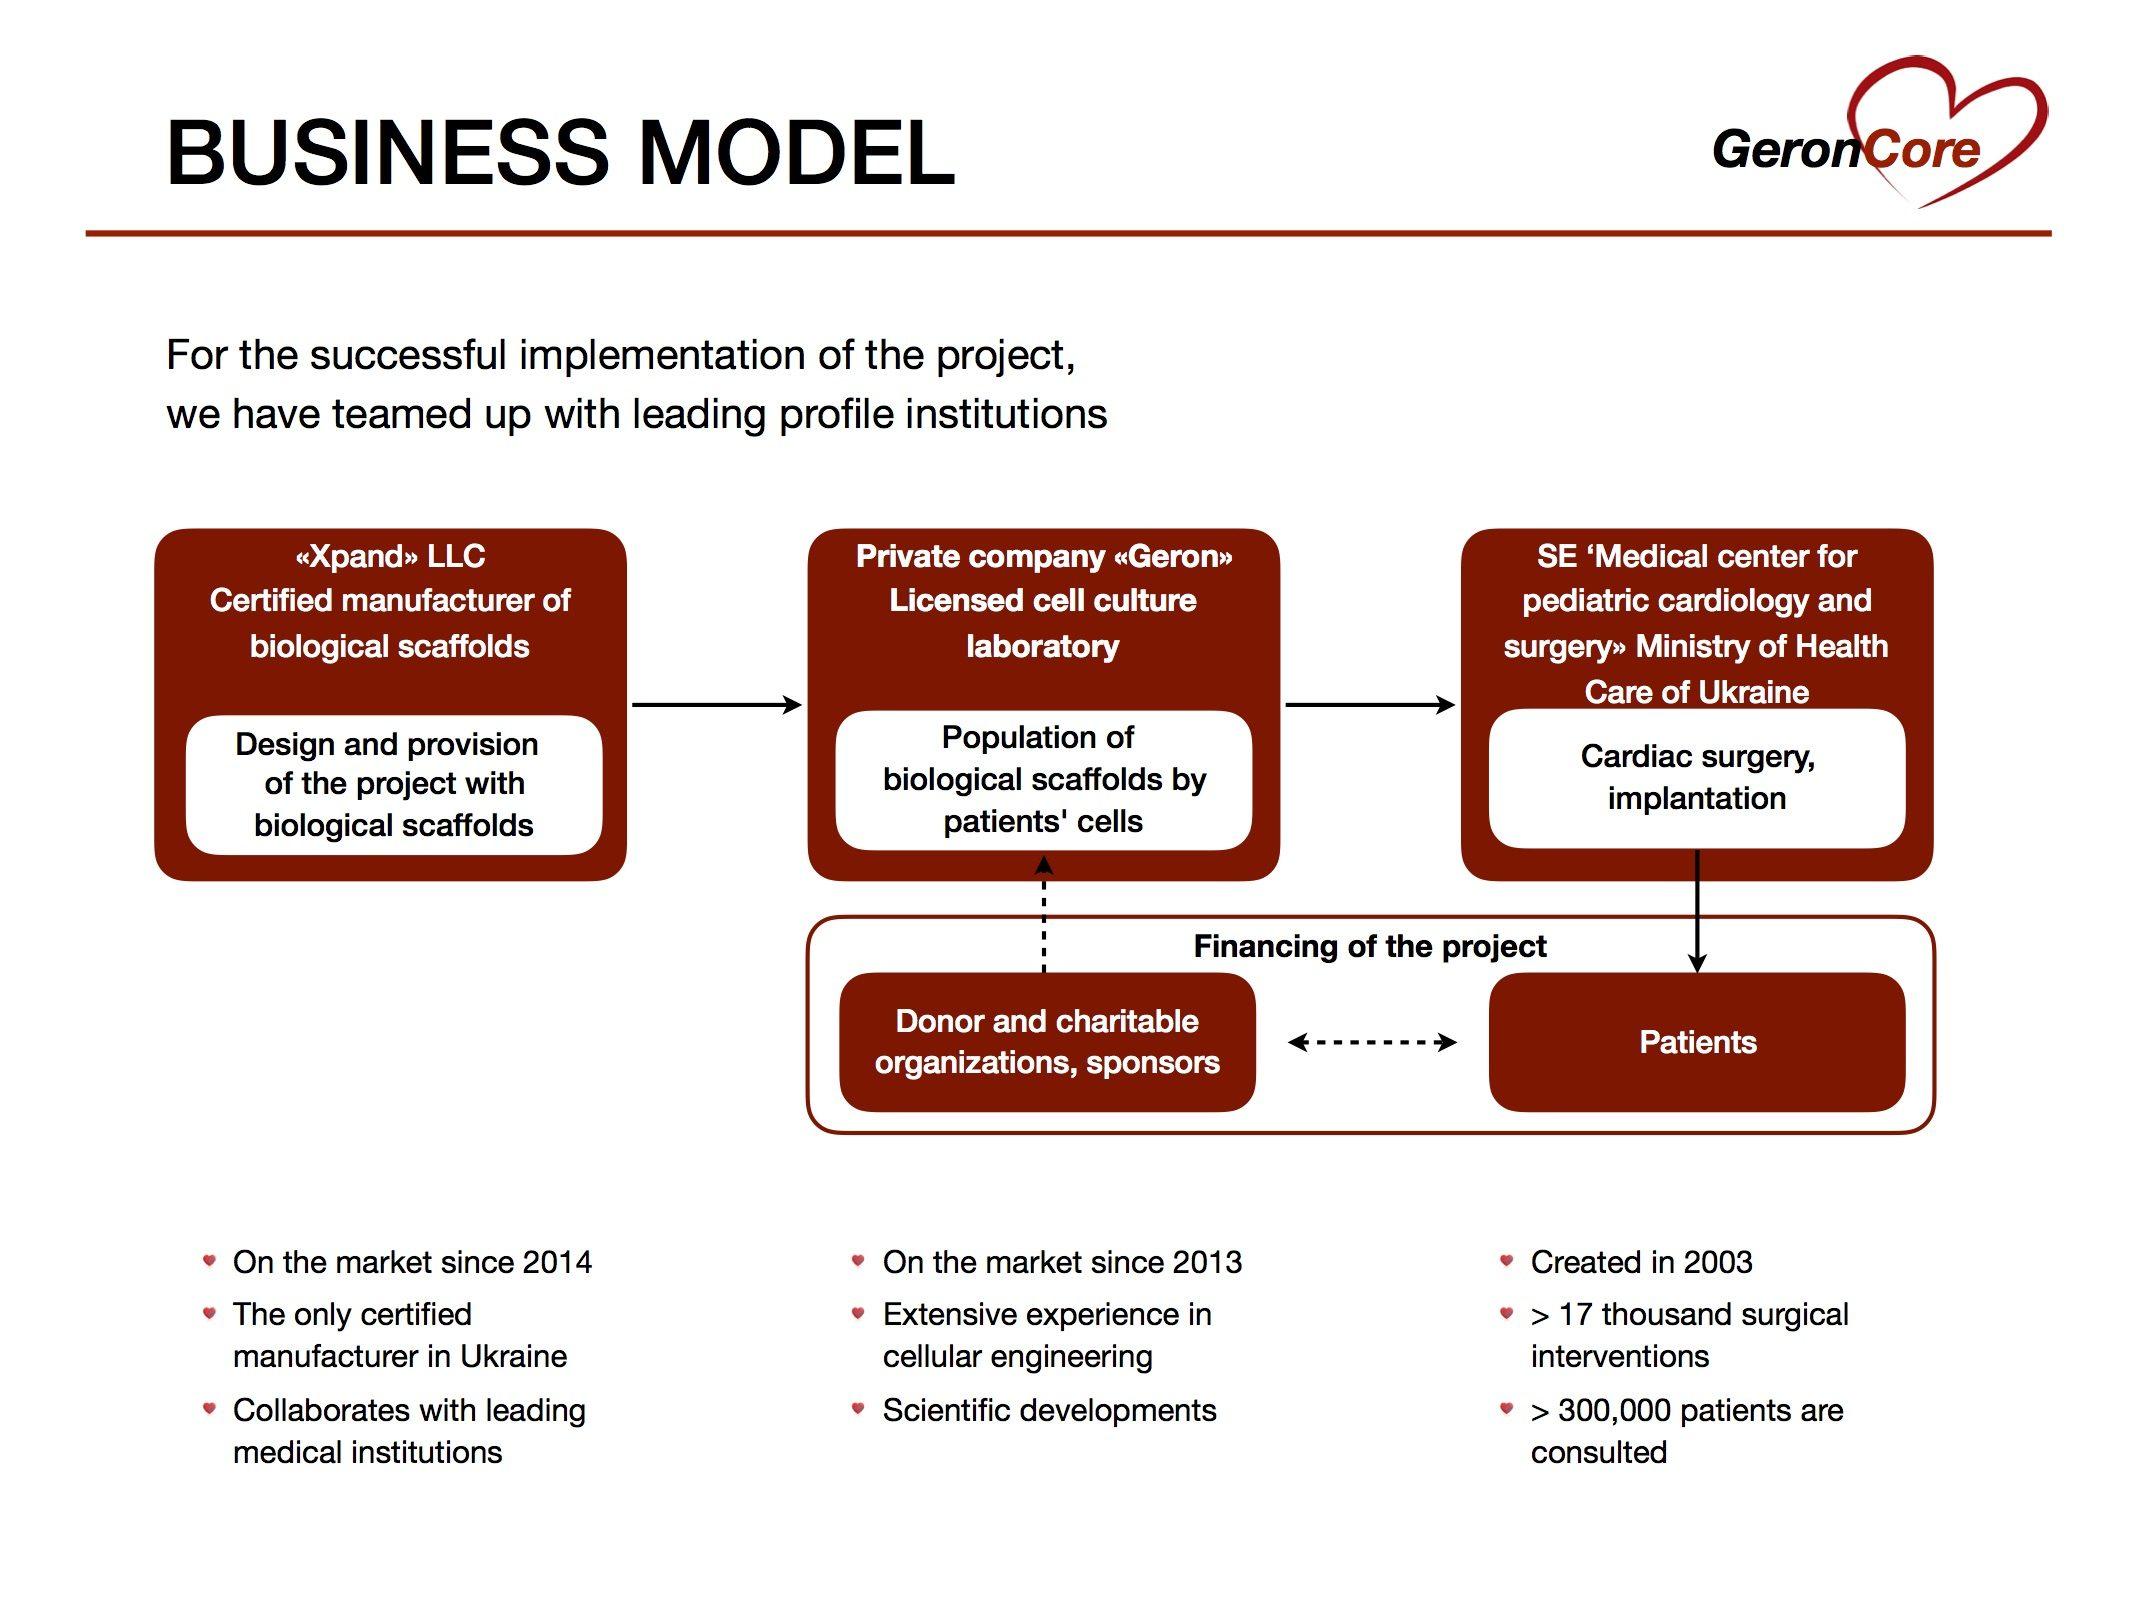 GeronCore Presentation